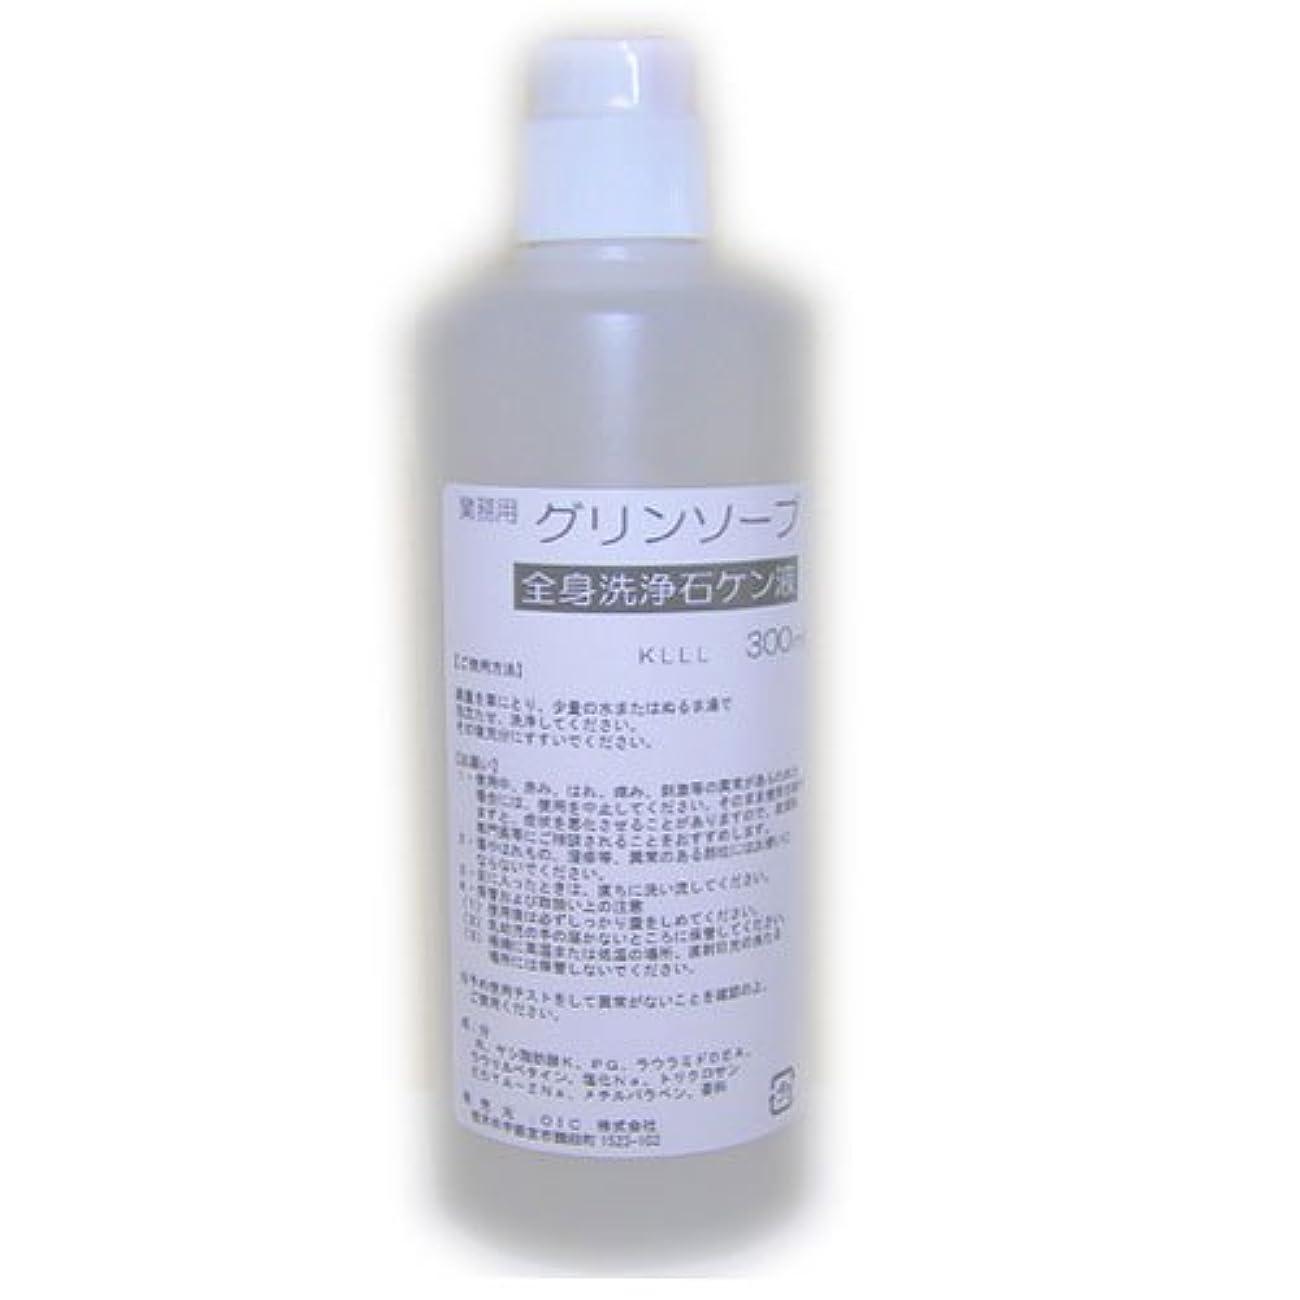 満たすスカウトネズミ業務用ボディソープ 殺菌成分配合?消毒石鹸液 グリンソープ (300ml)